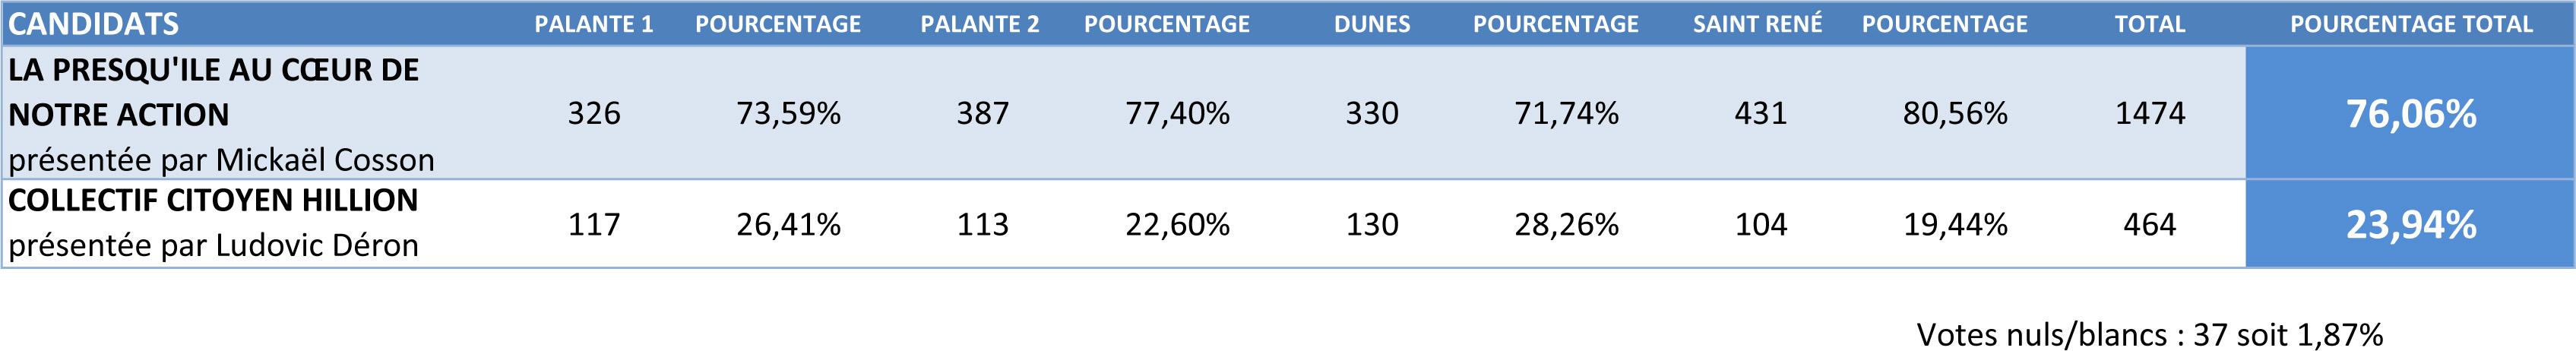 Tableau résultats SITE.jpg